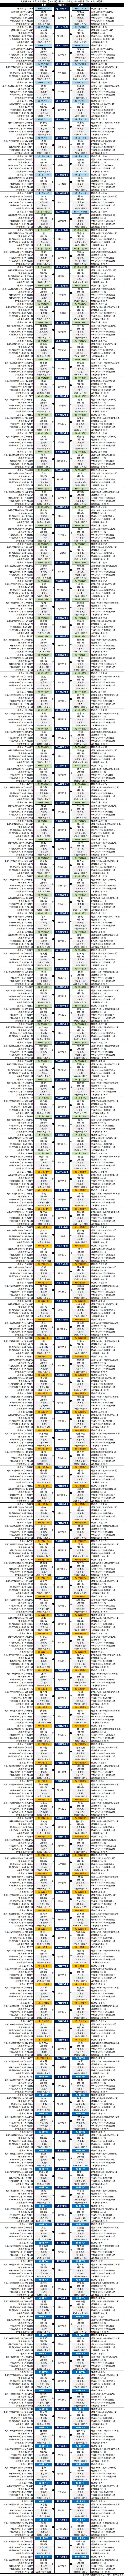 大相撲・2020年3月場所3日目・幕下以下の取組結果